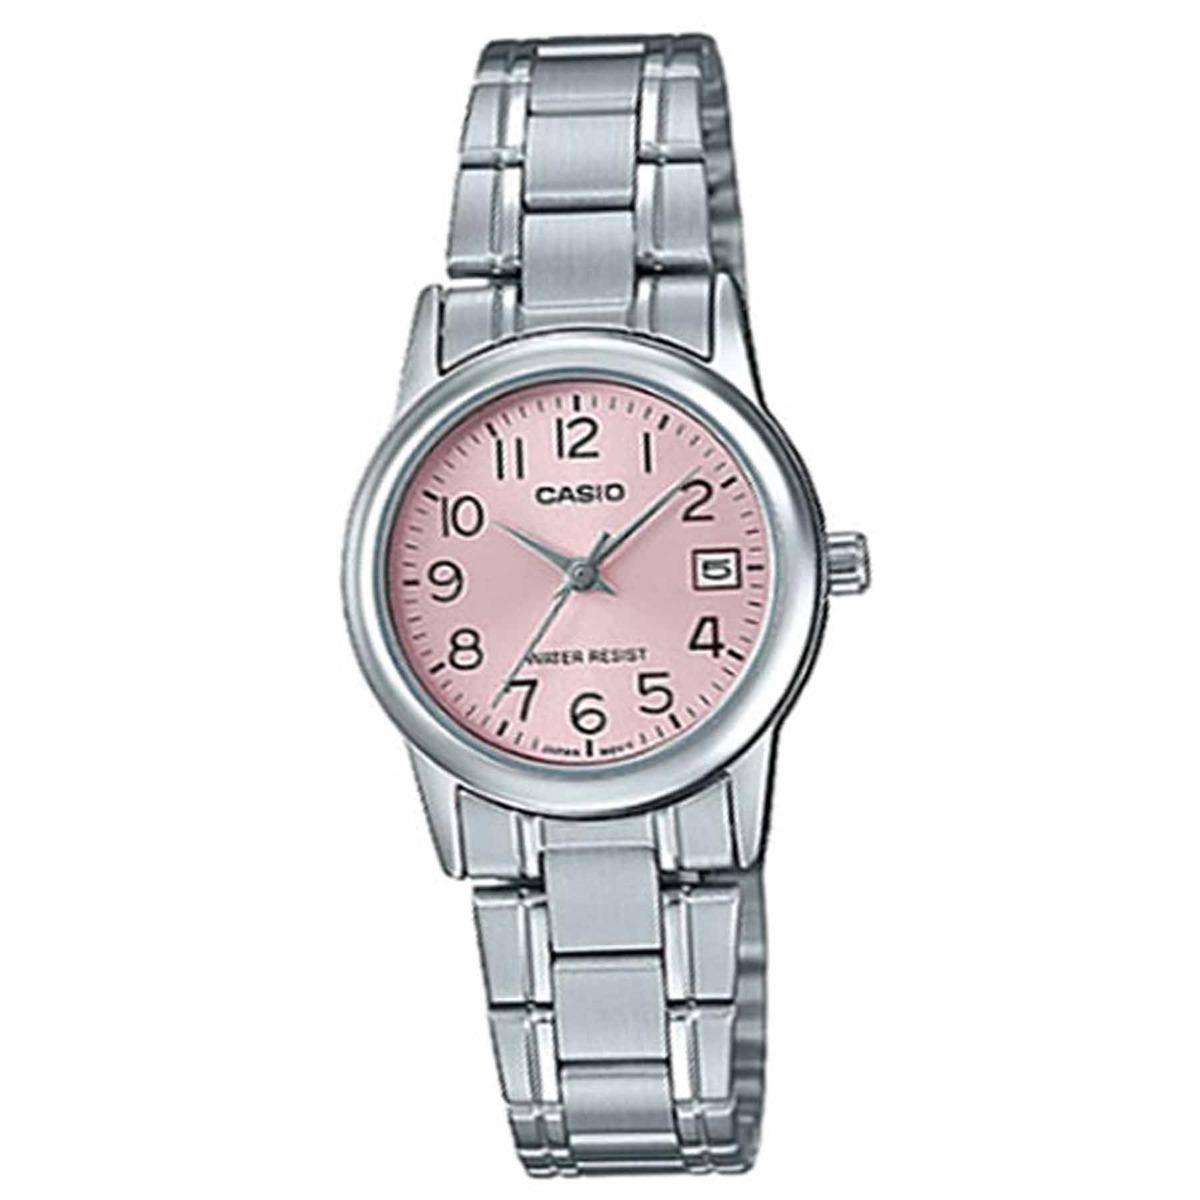 0786e084b86 Relógio Casio Collection Analógico Feminino Ltp-v002d-4budf - R  129 ...